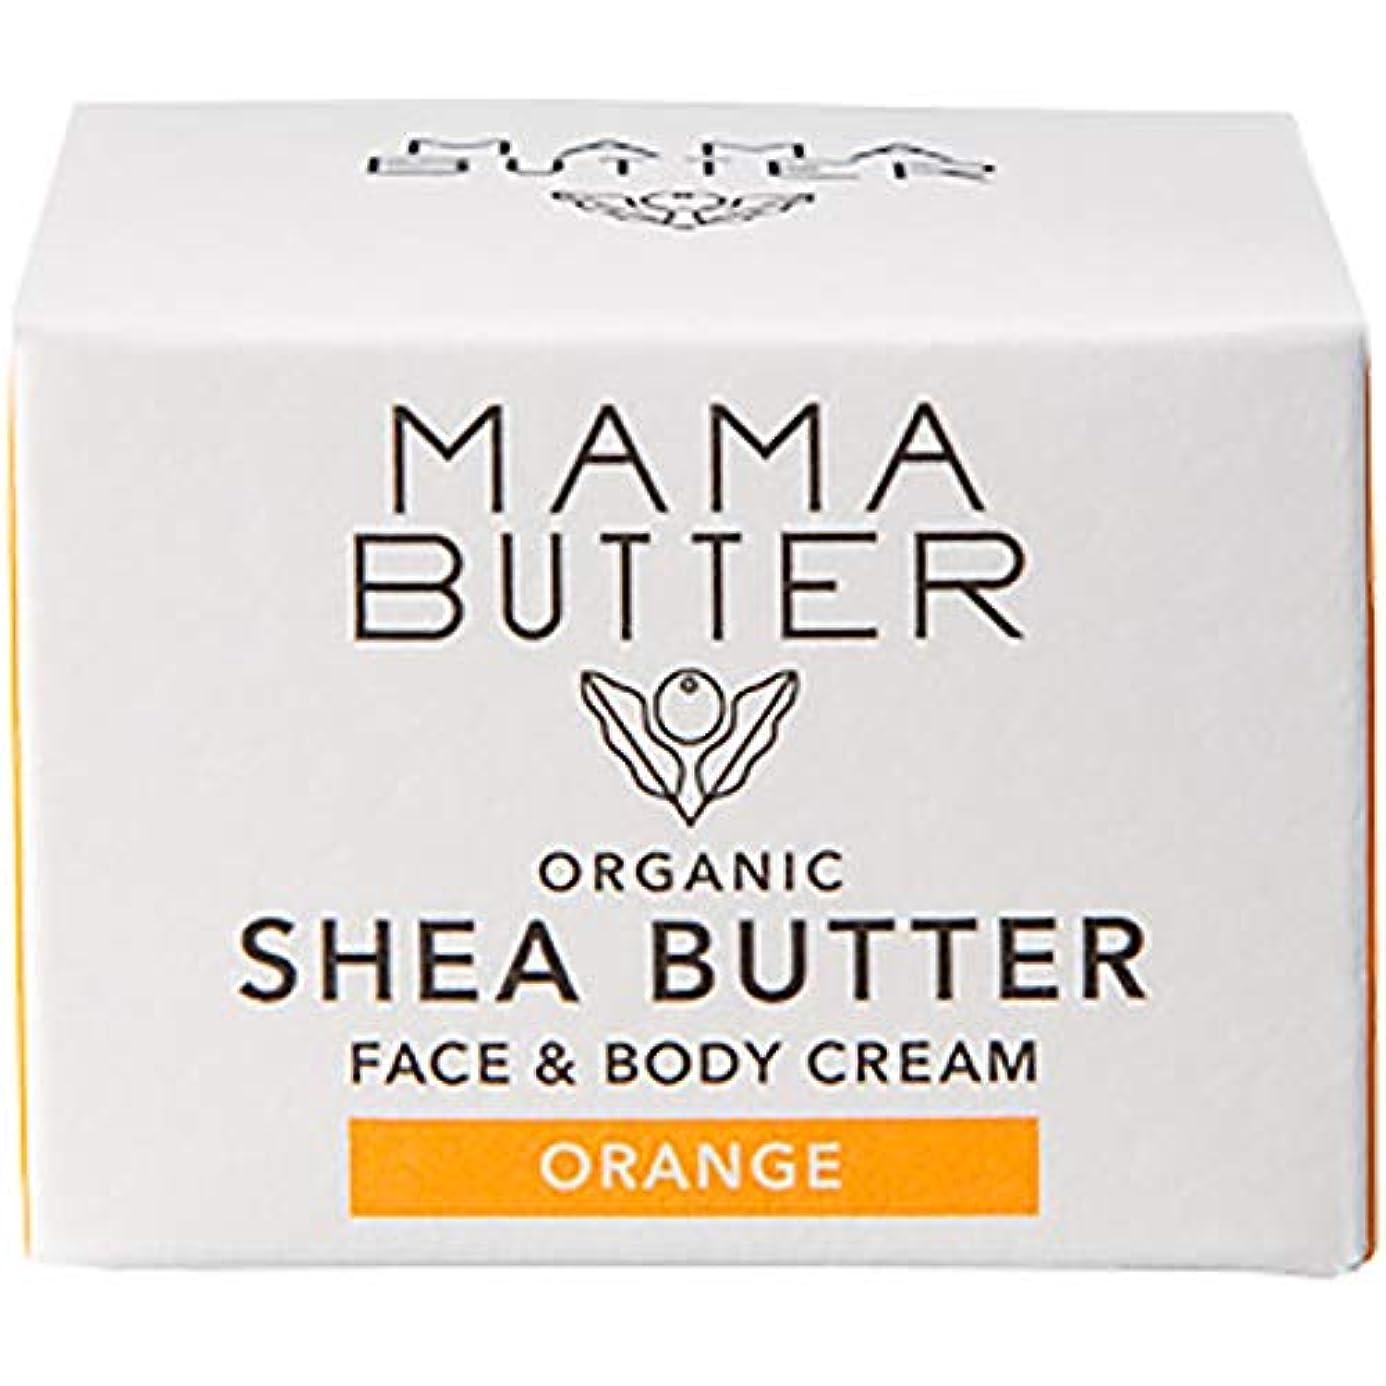 無知睡眠臭いMAMA BUTTER(ママバター) フェイス&ボディクリーム25g オレンジ